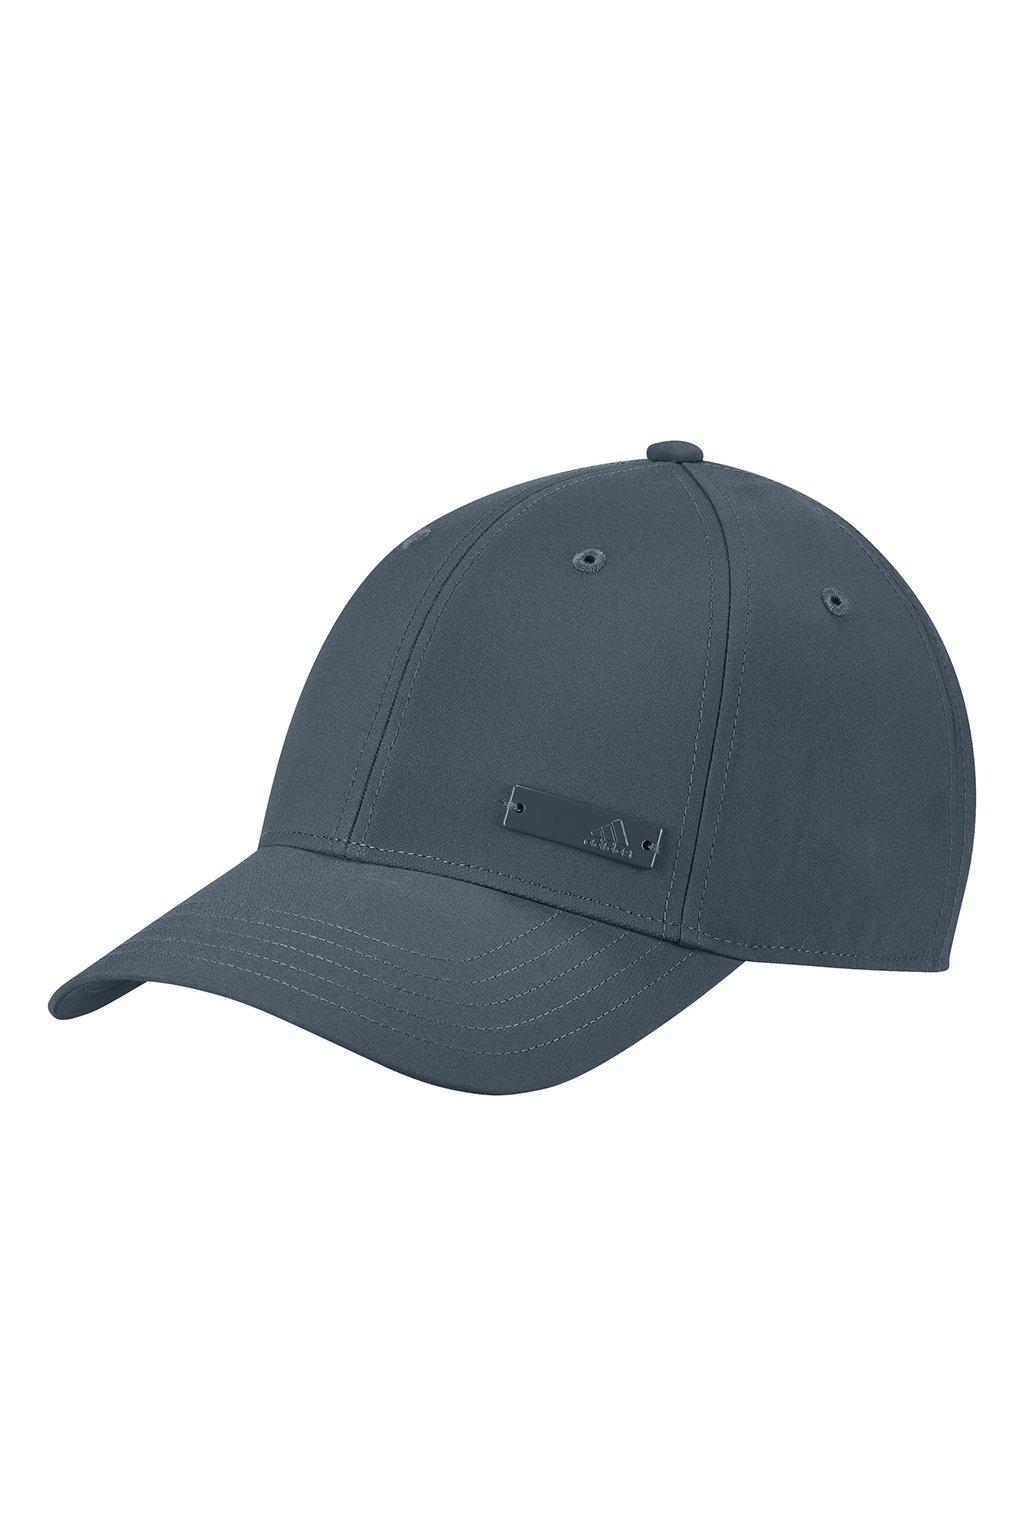 Pánska šiltovka adidas Baseball Cap LT MET OSFM šedá GE0755